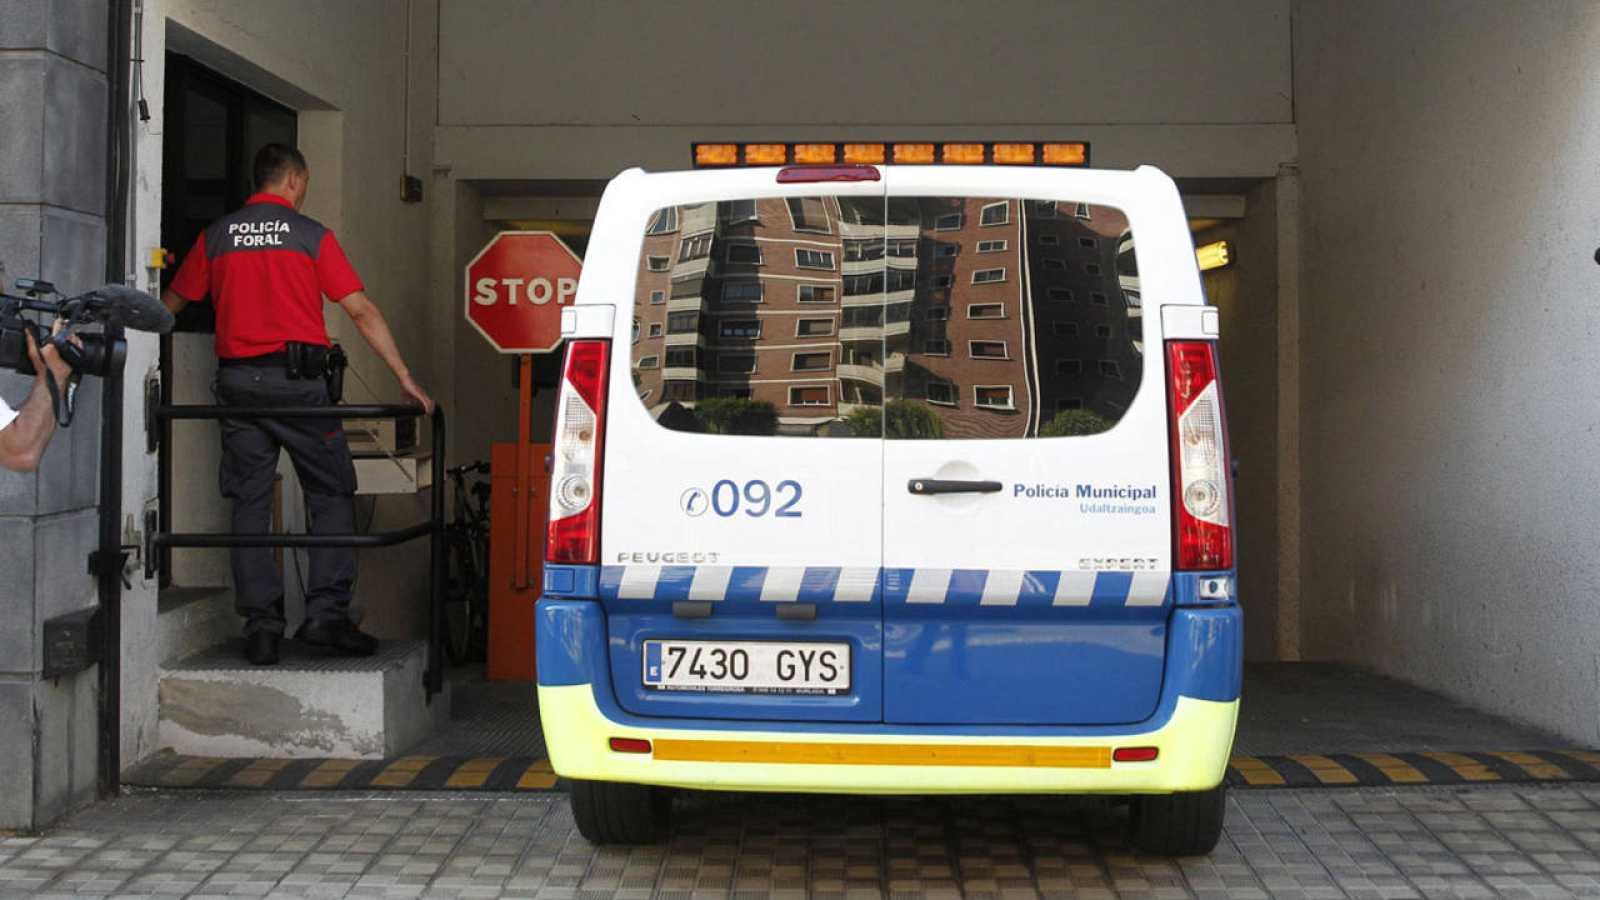 Trasladan a uno de los cinco detenidos en Pamplona por una agresión sexual